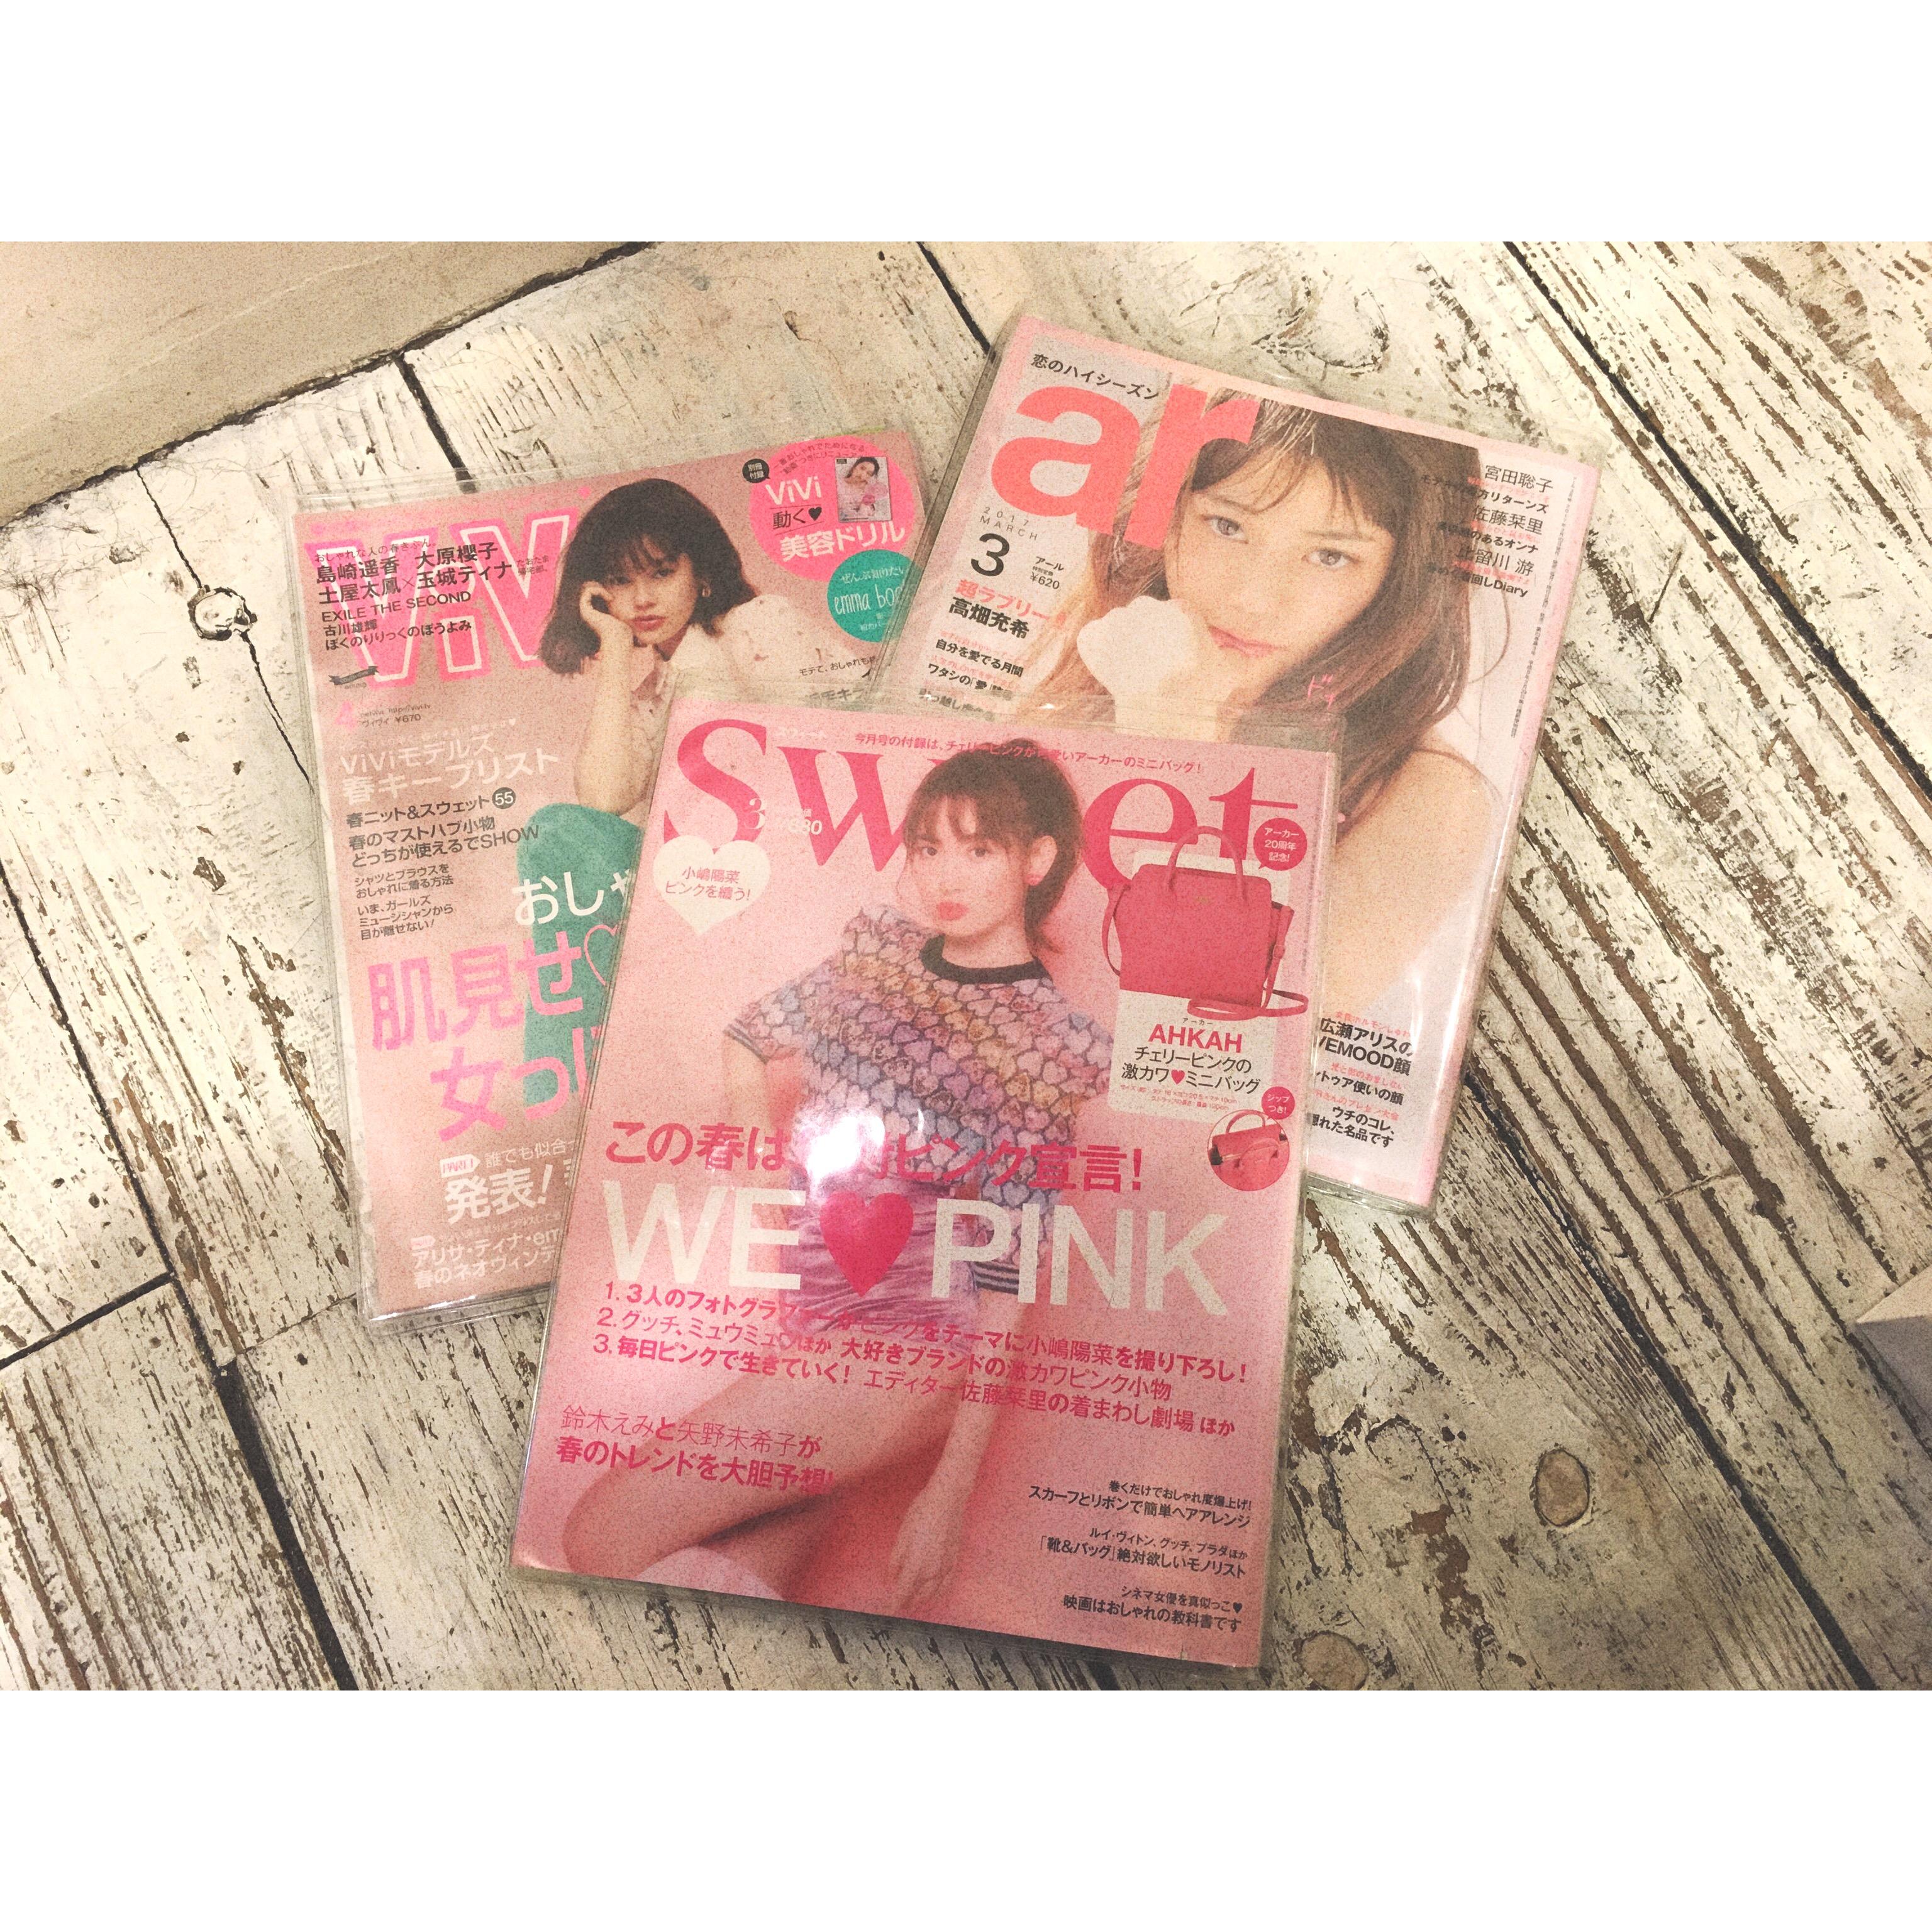 ピンク系カラーが増えてます!